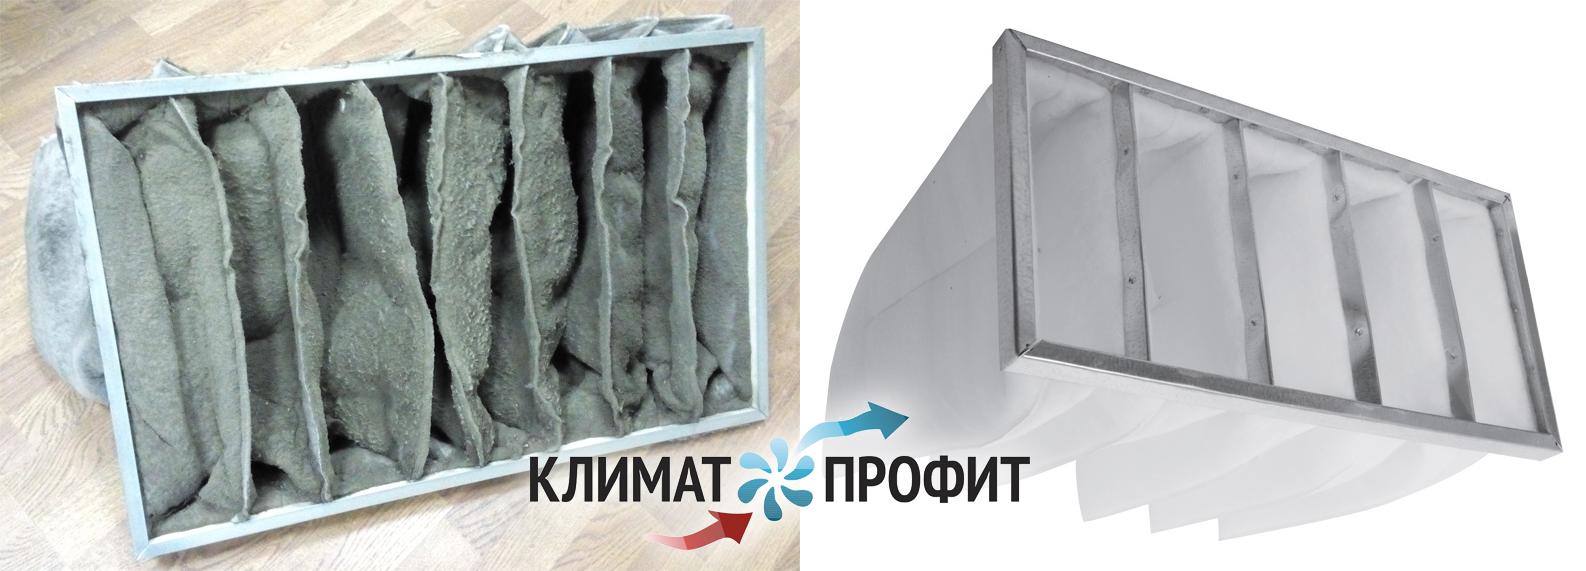 Замена фильтра при техническом обслуживании вентиляции.